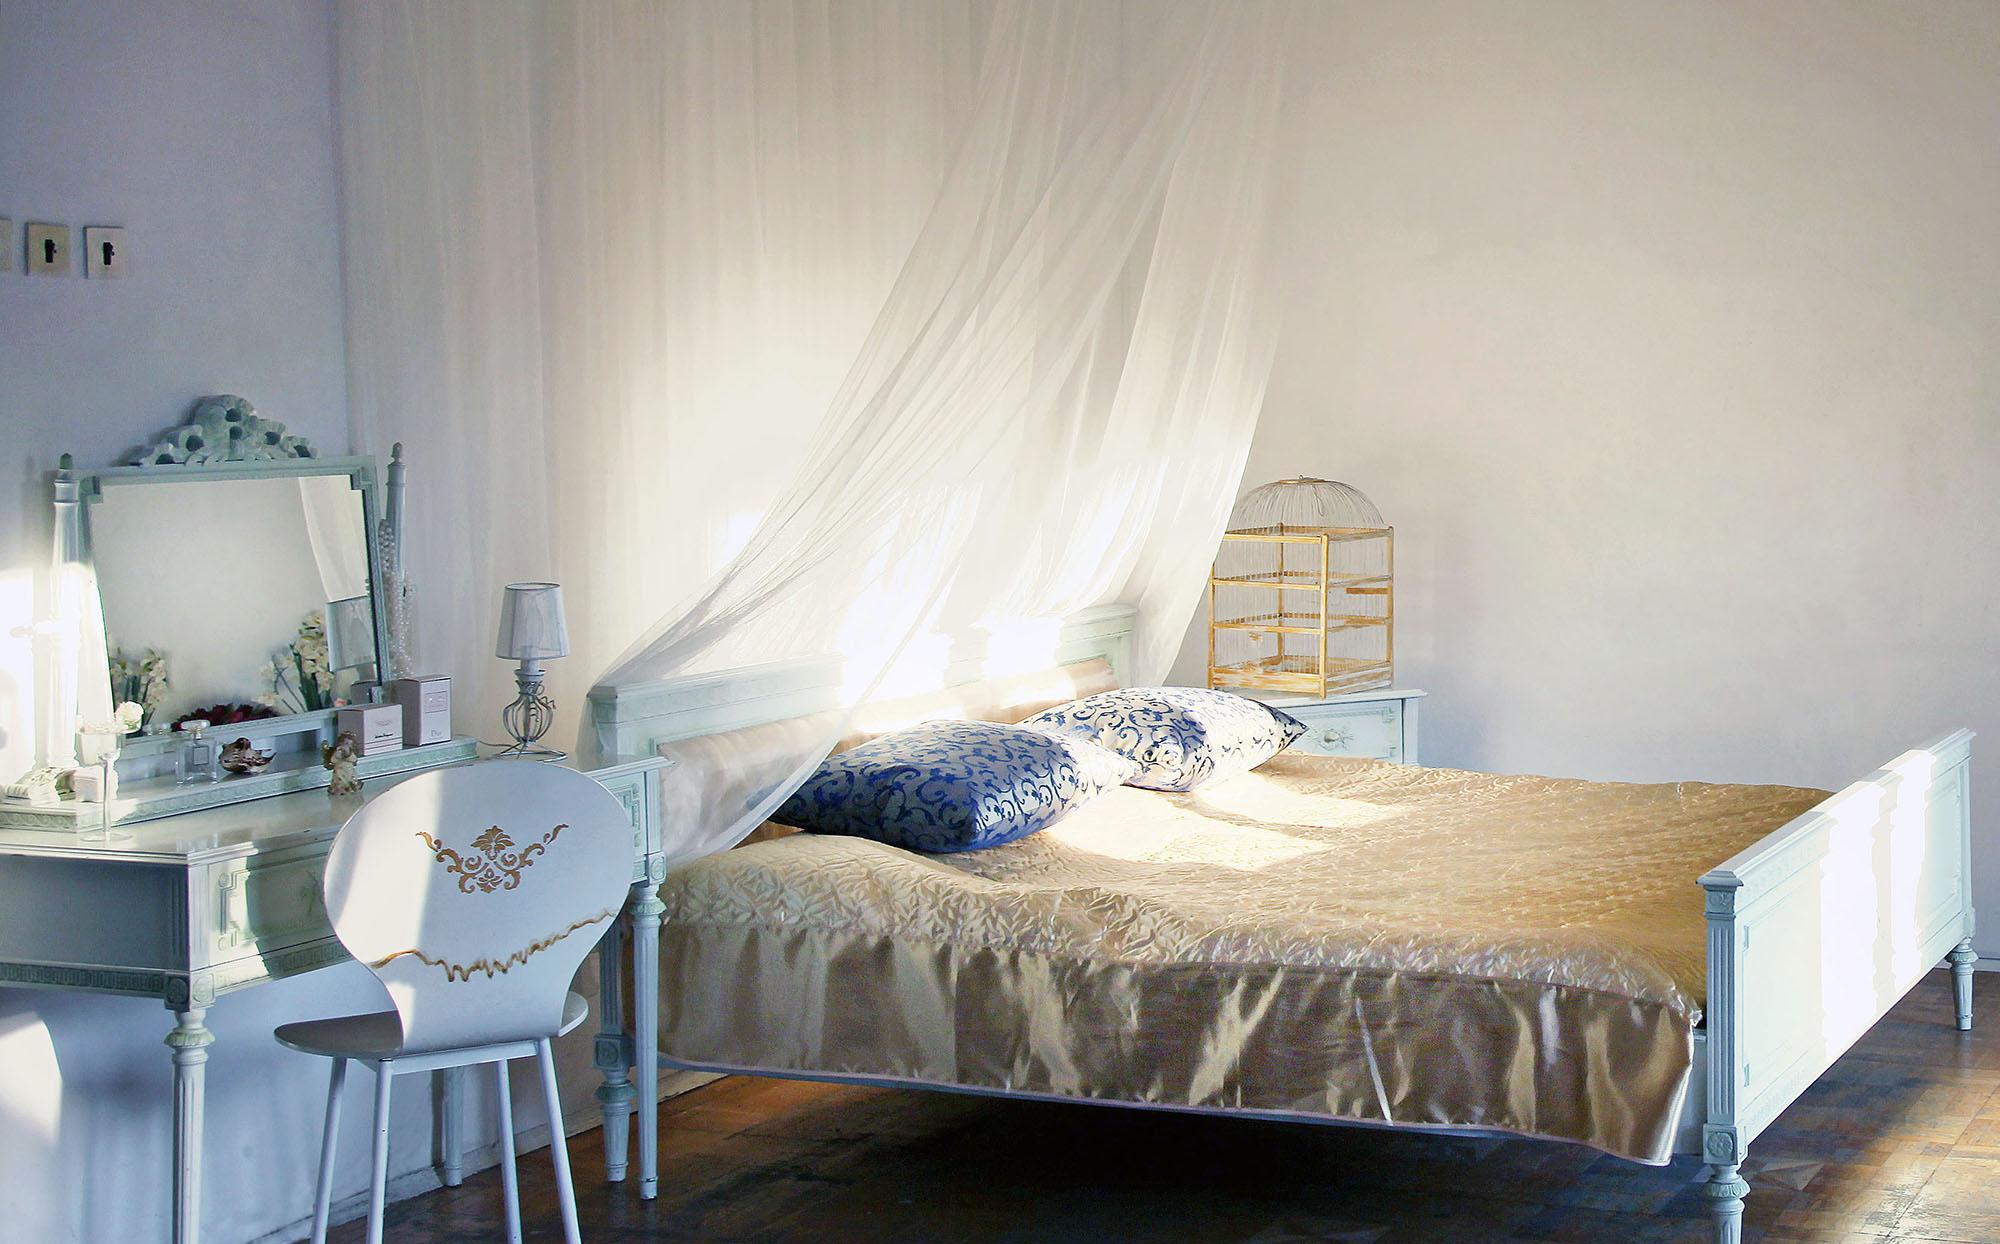 Легкий балдахин в просторной спальне